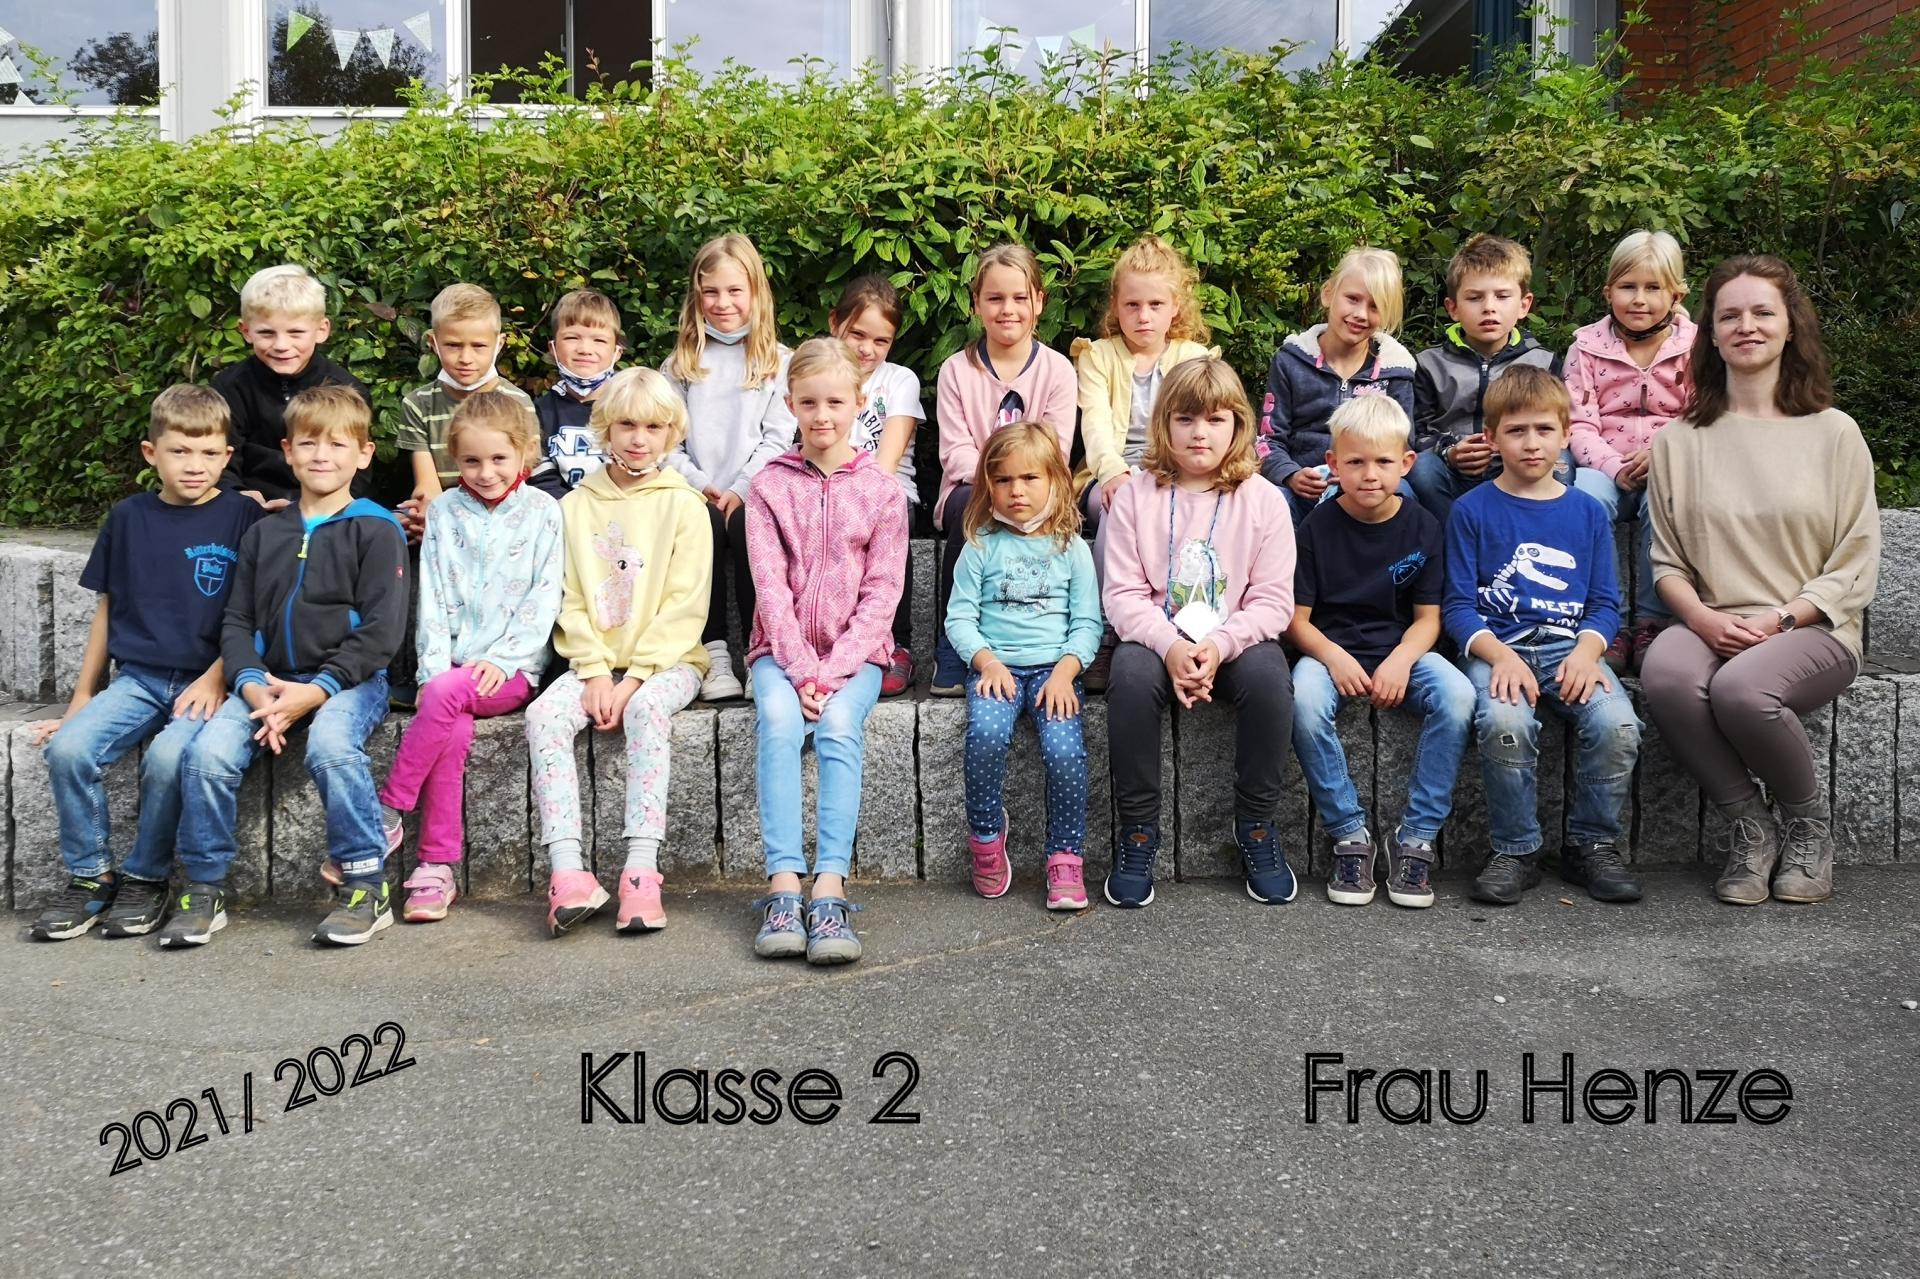 Klasse 2